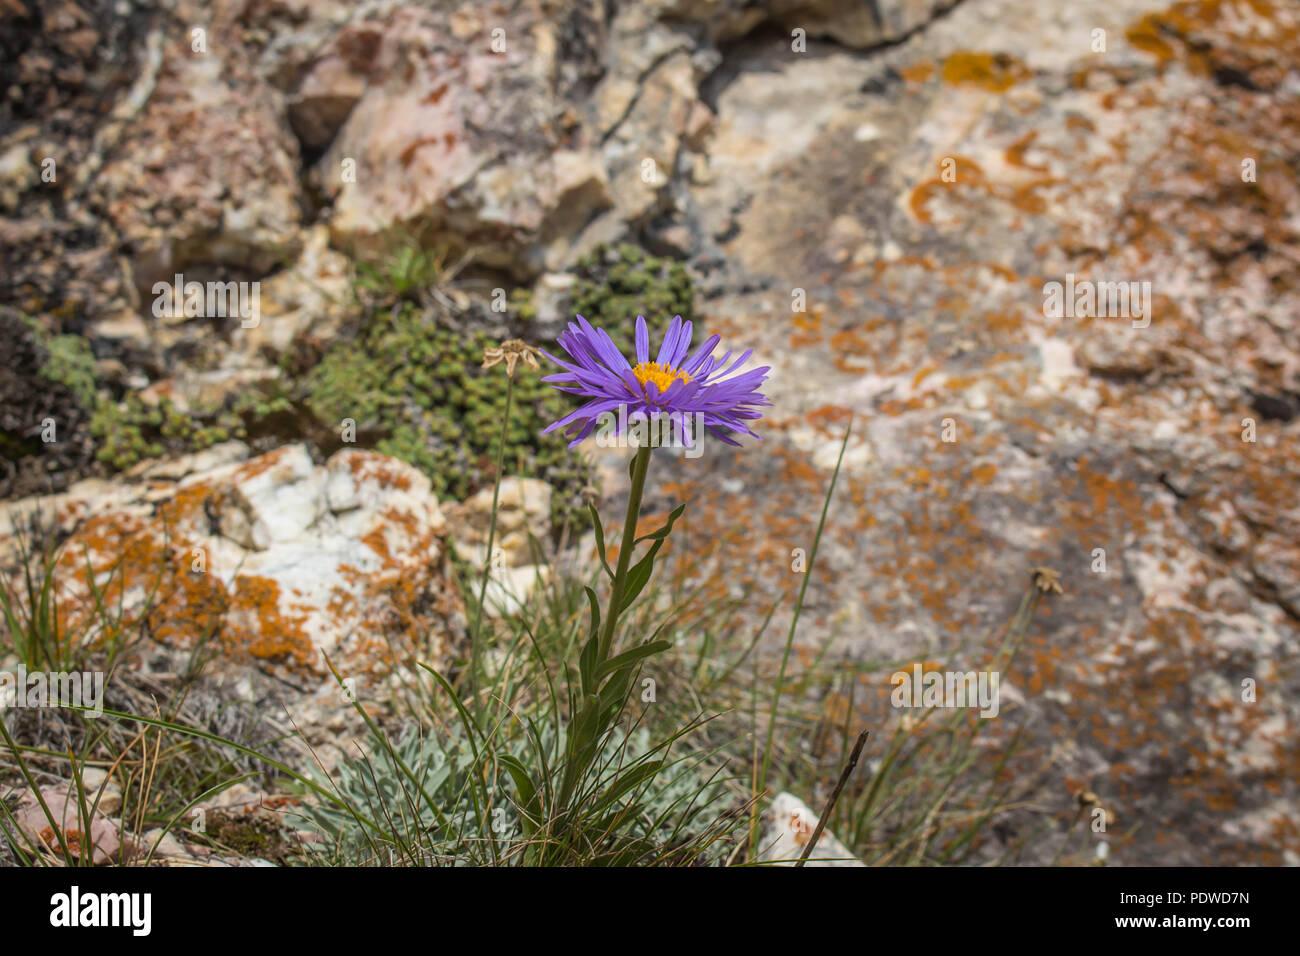 Seule Fleur Violette De L Herbacee Vivace Aster Alpinus Sur La